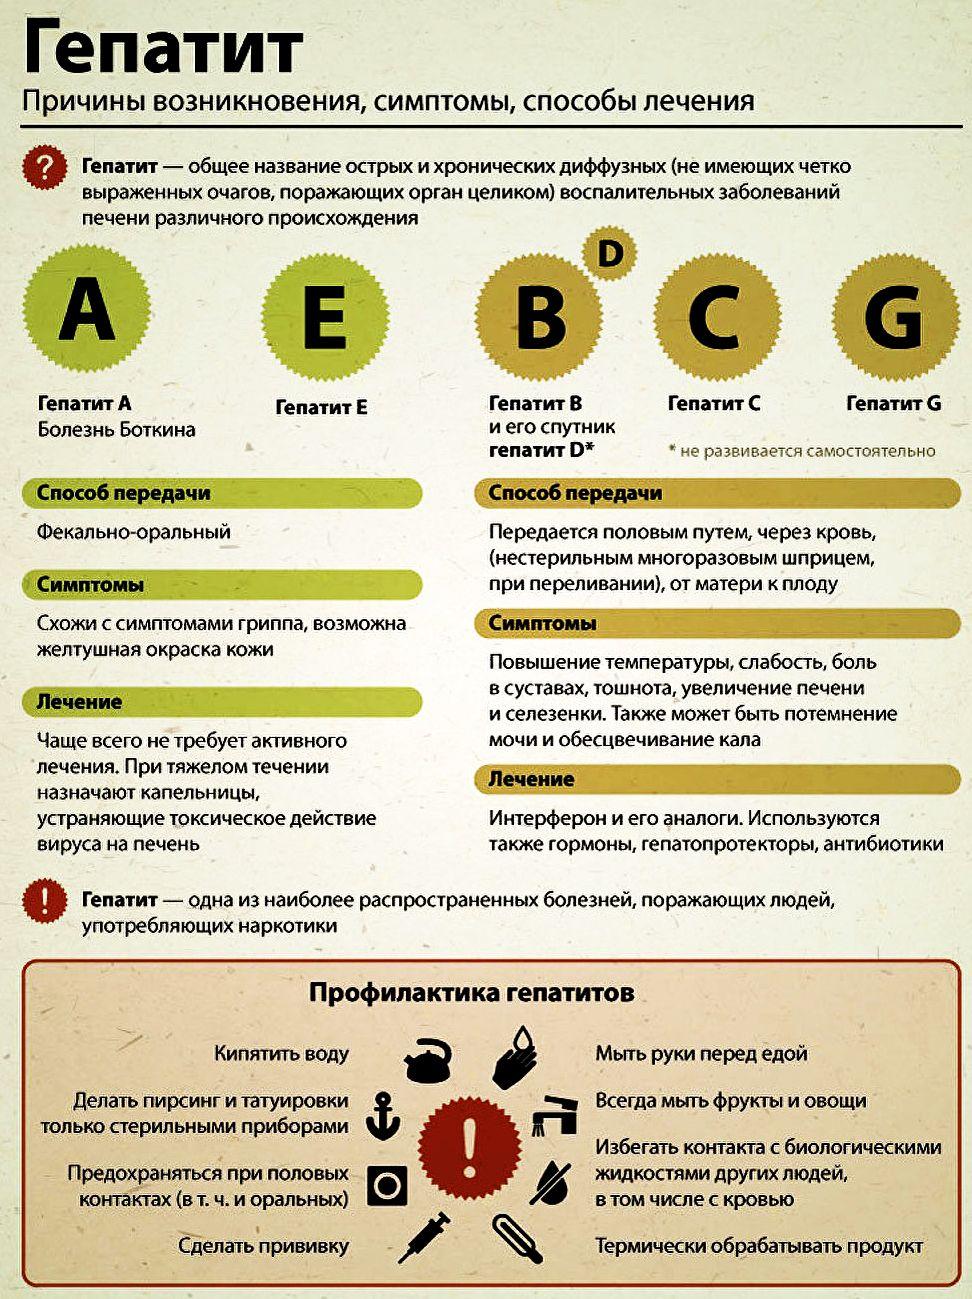 Прививка от гепатита 0-3-6